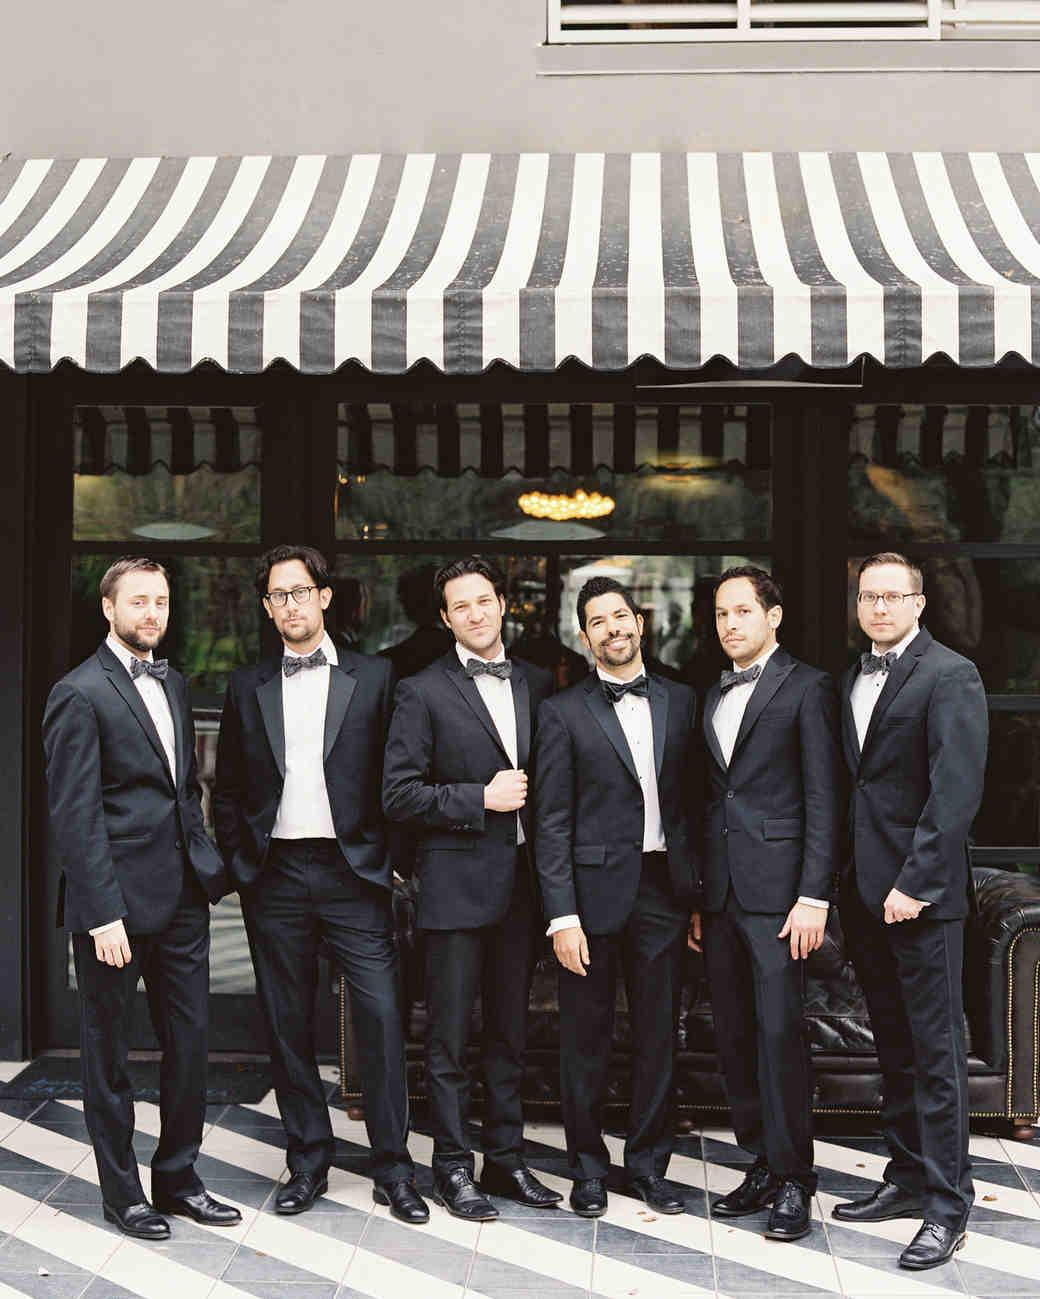 stacey-adam-wedding-groomsmen-0057-s112112-0815.jpg